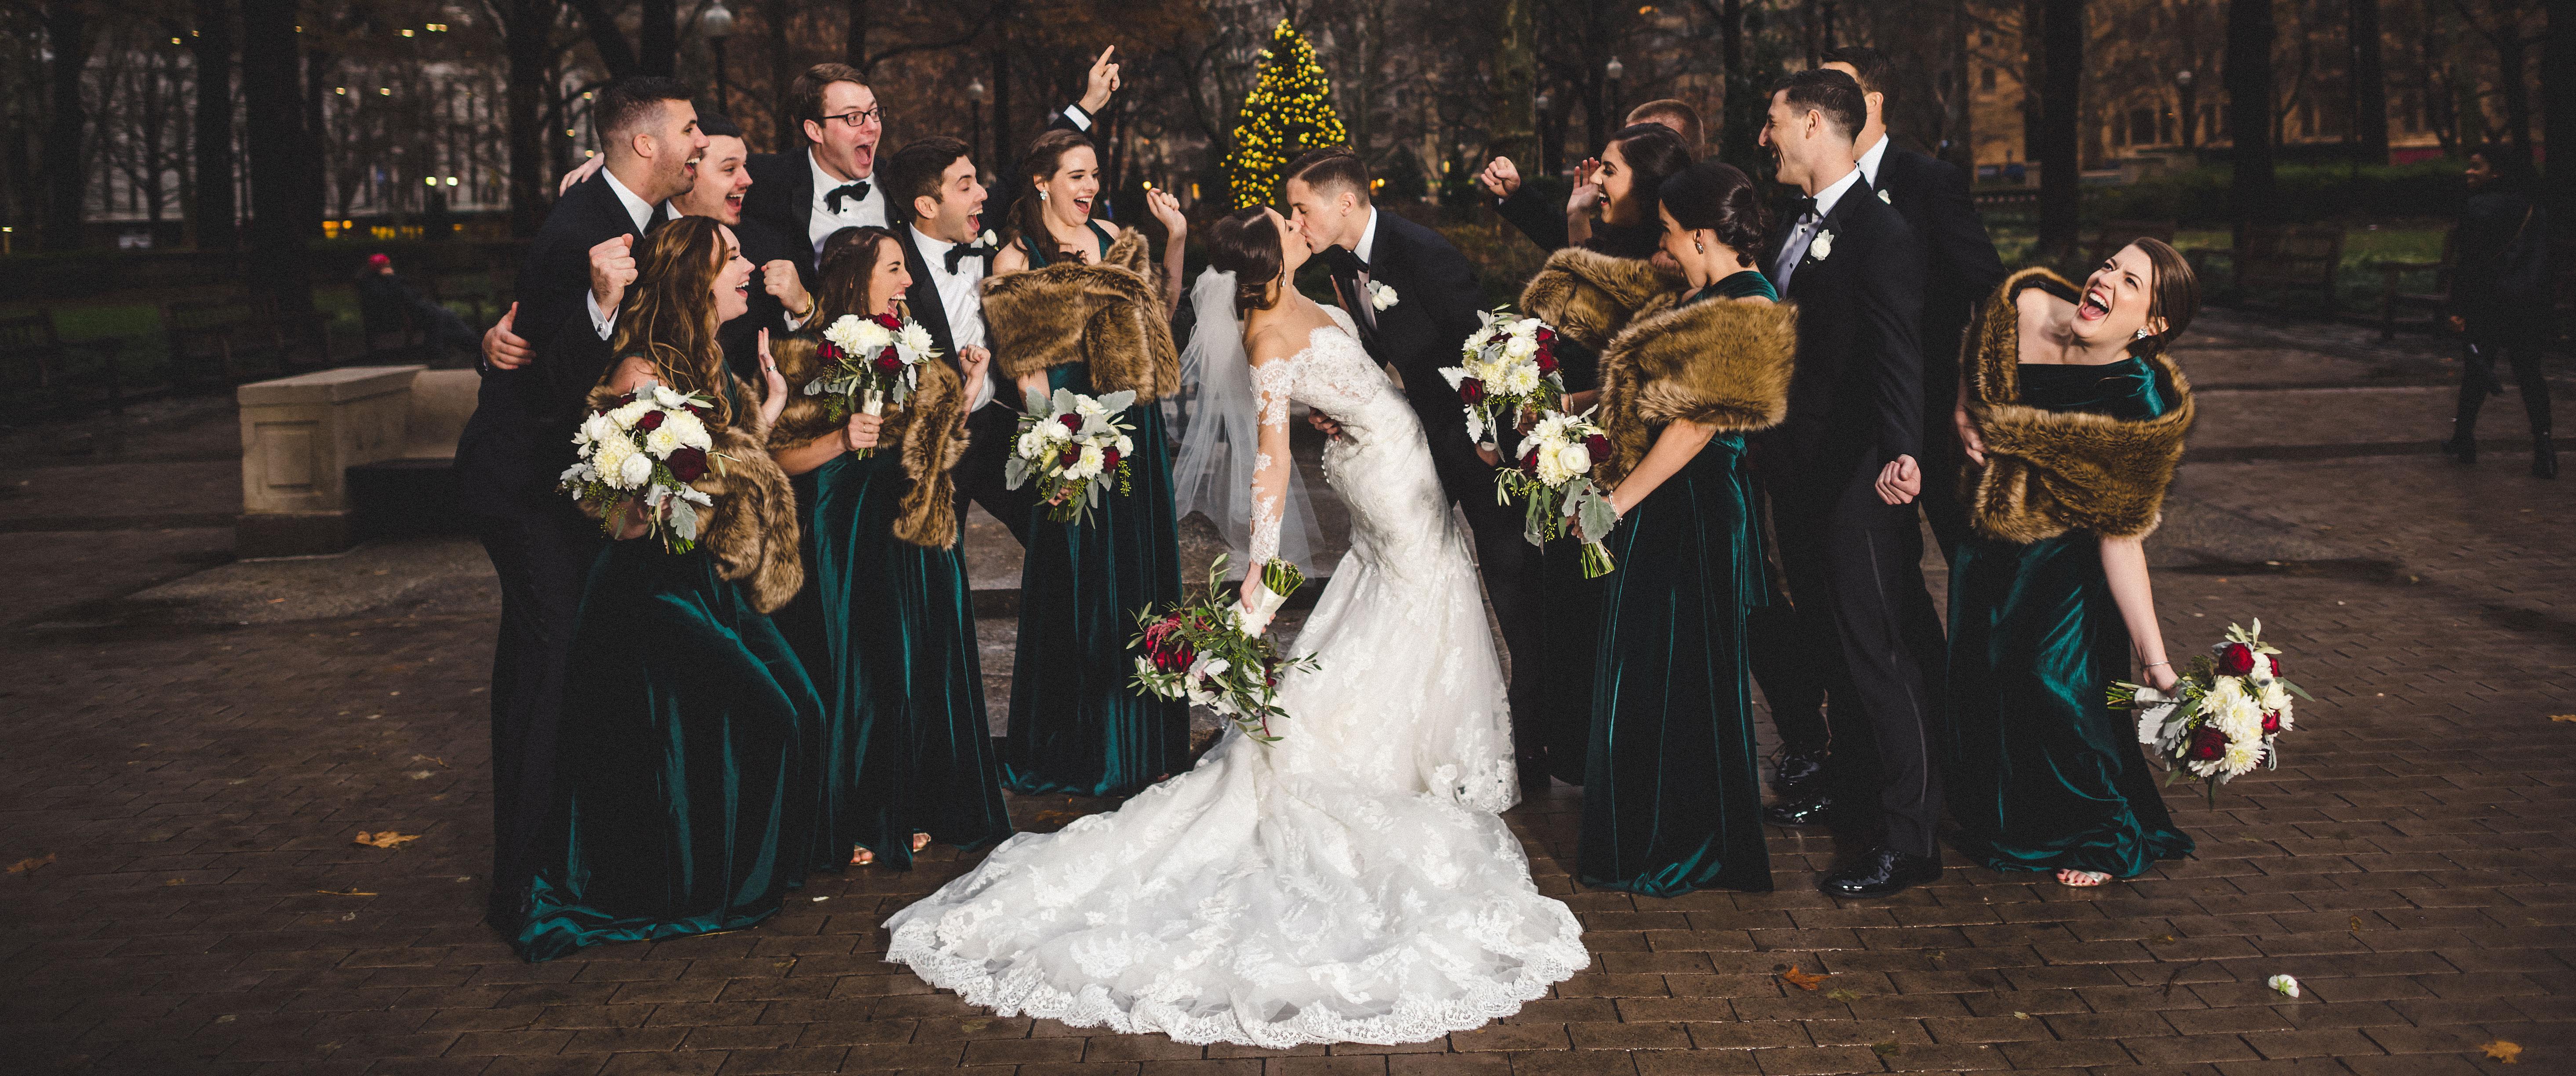 Real Weddings: Olivia & Matt